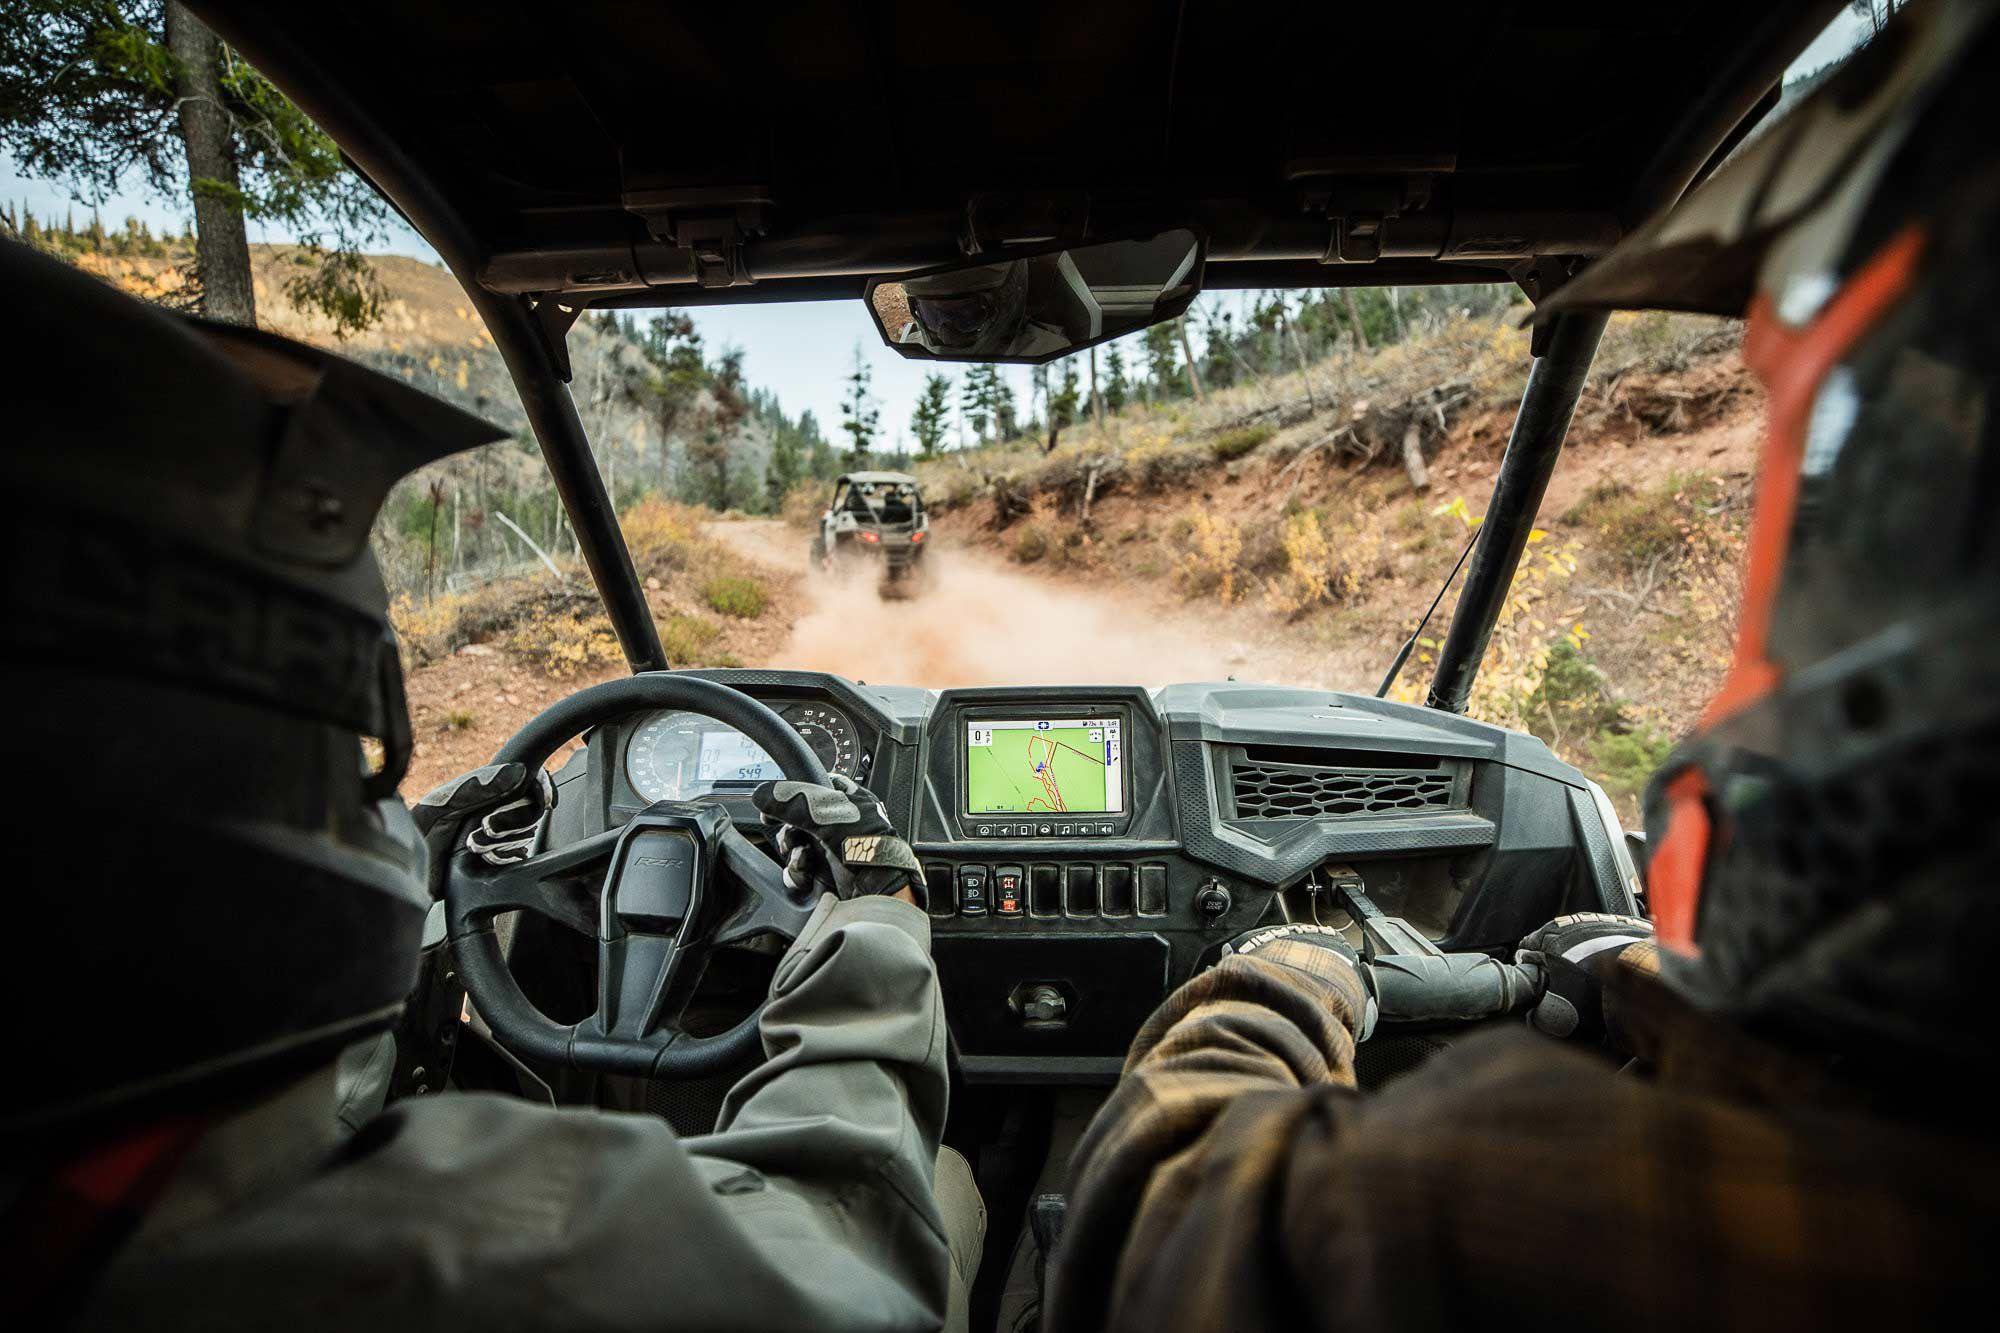 2022 Polaris RZR Trail Ultimate interior cab view.